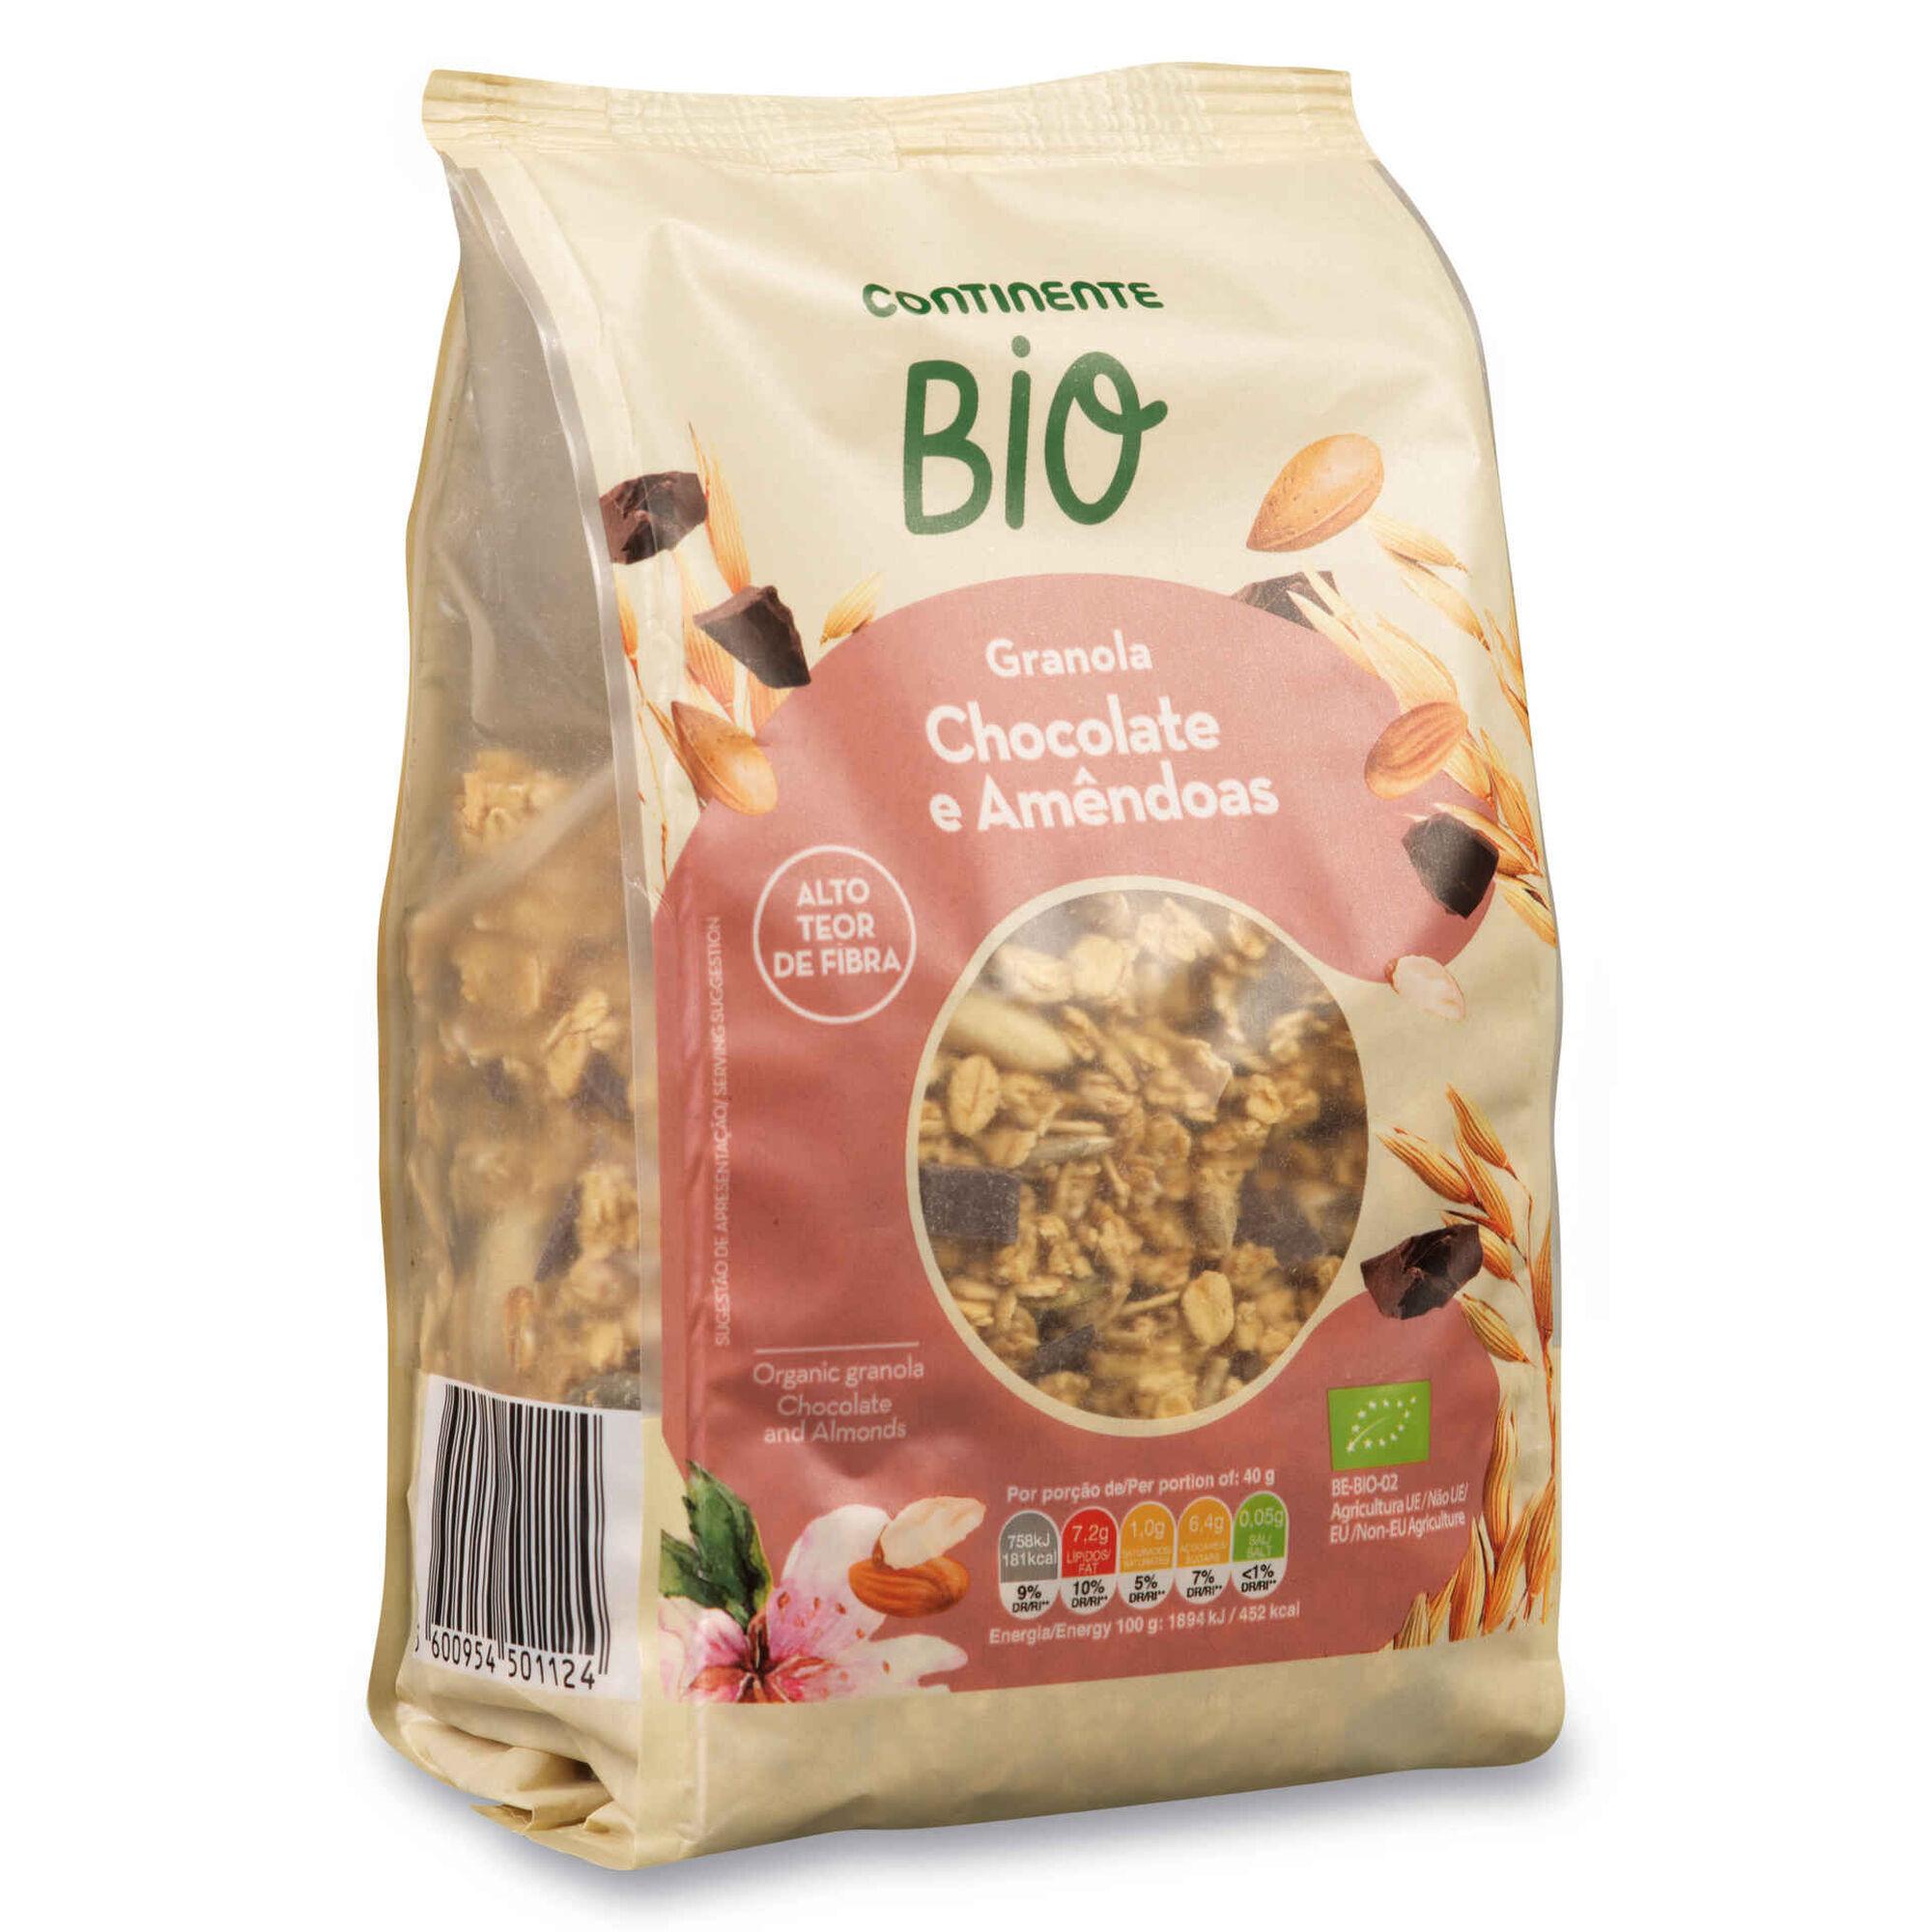 Granola Chocolate e Amêndoa Biológica